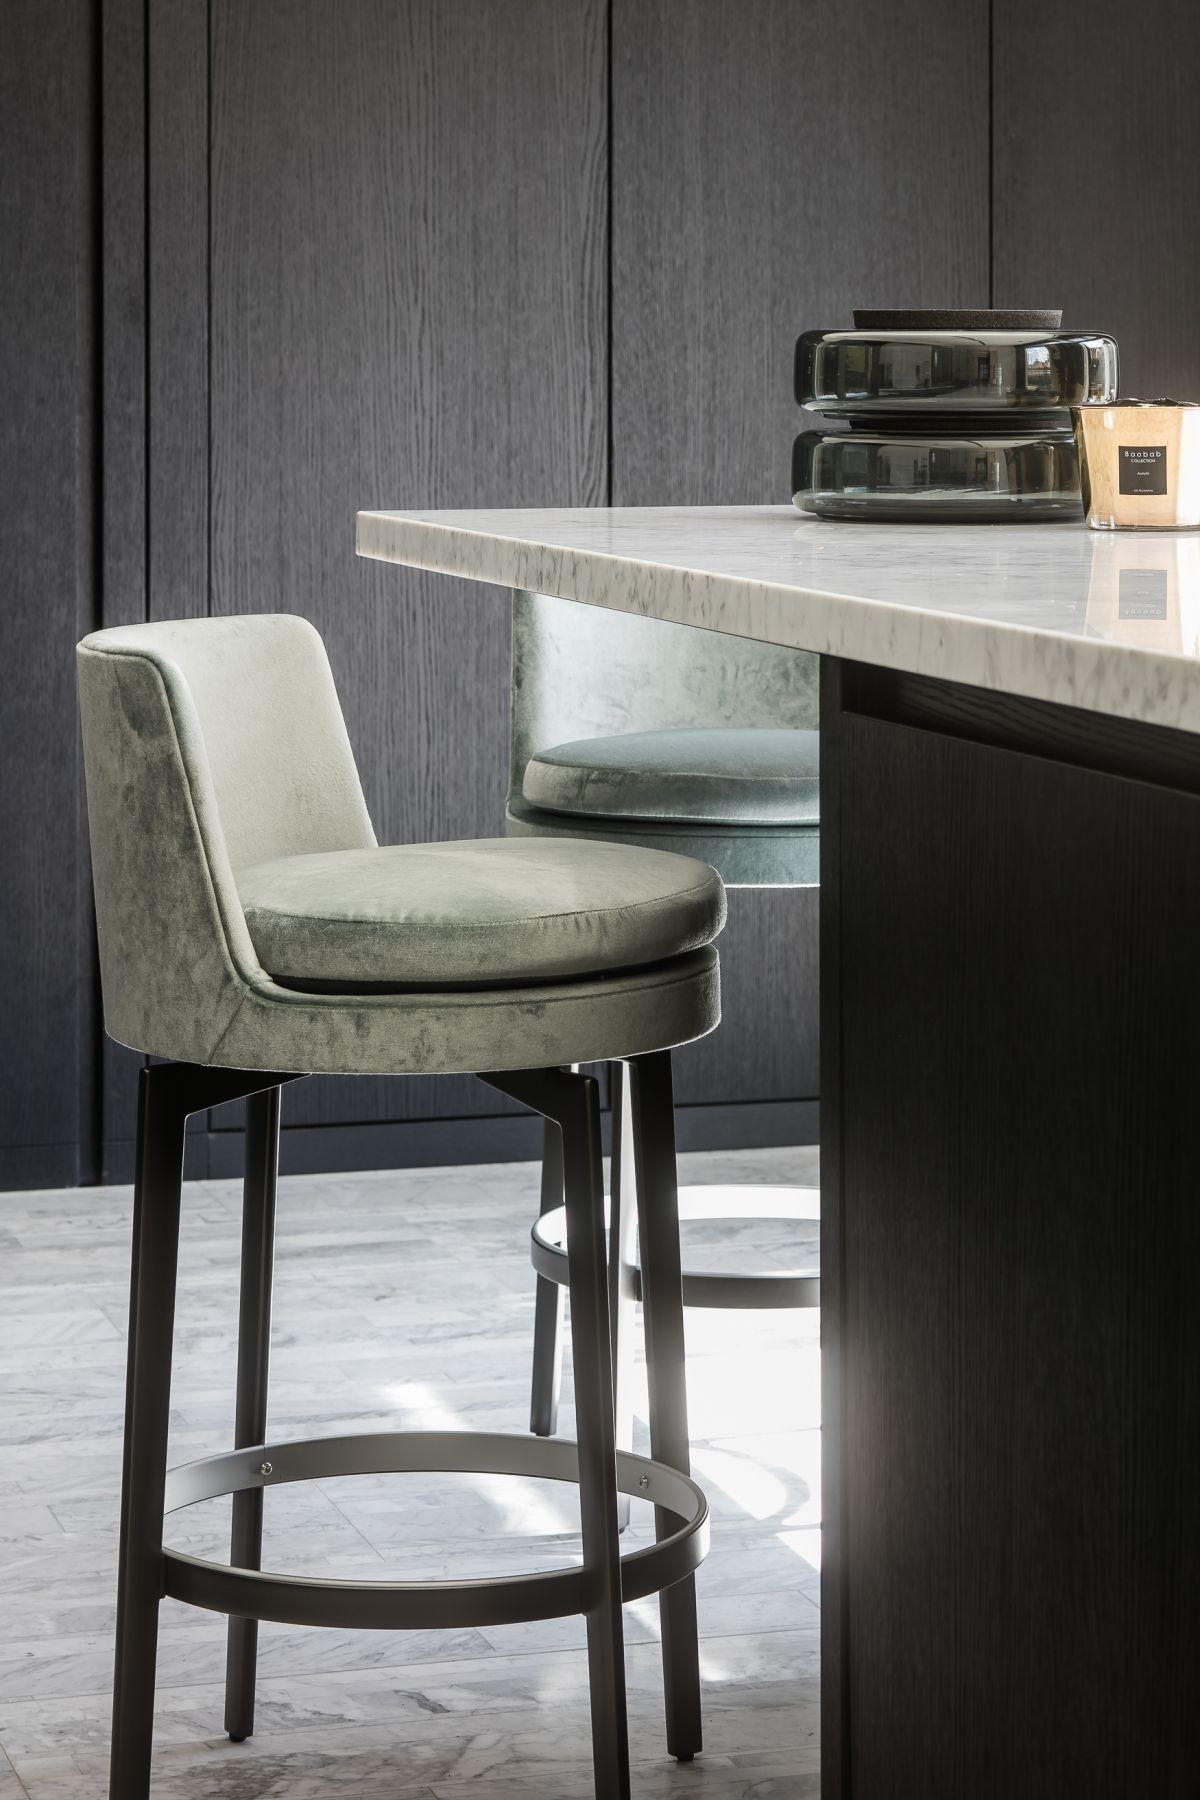 Knokke Detail Rr Interieur Con Imagenes Sillas De Bar Muebles De Cuero Sillas